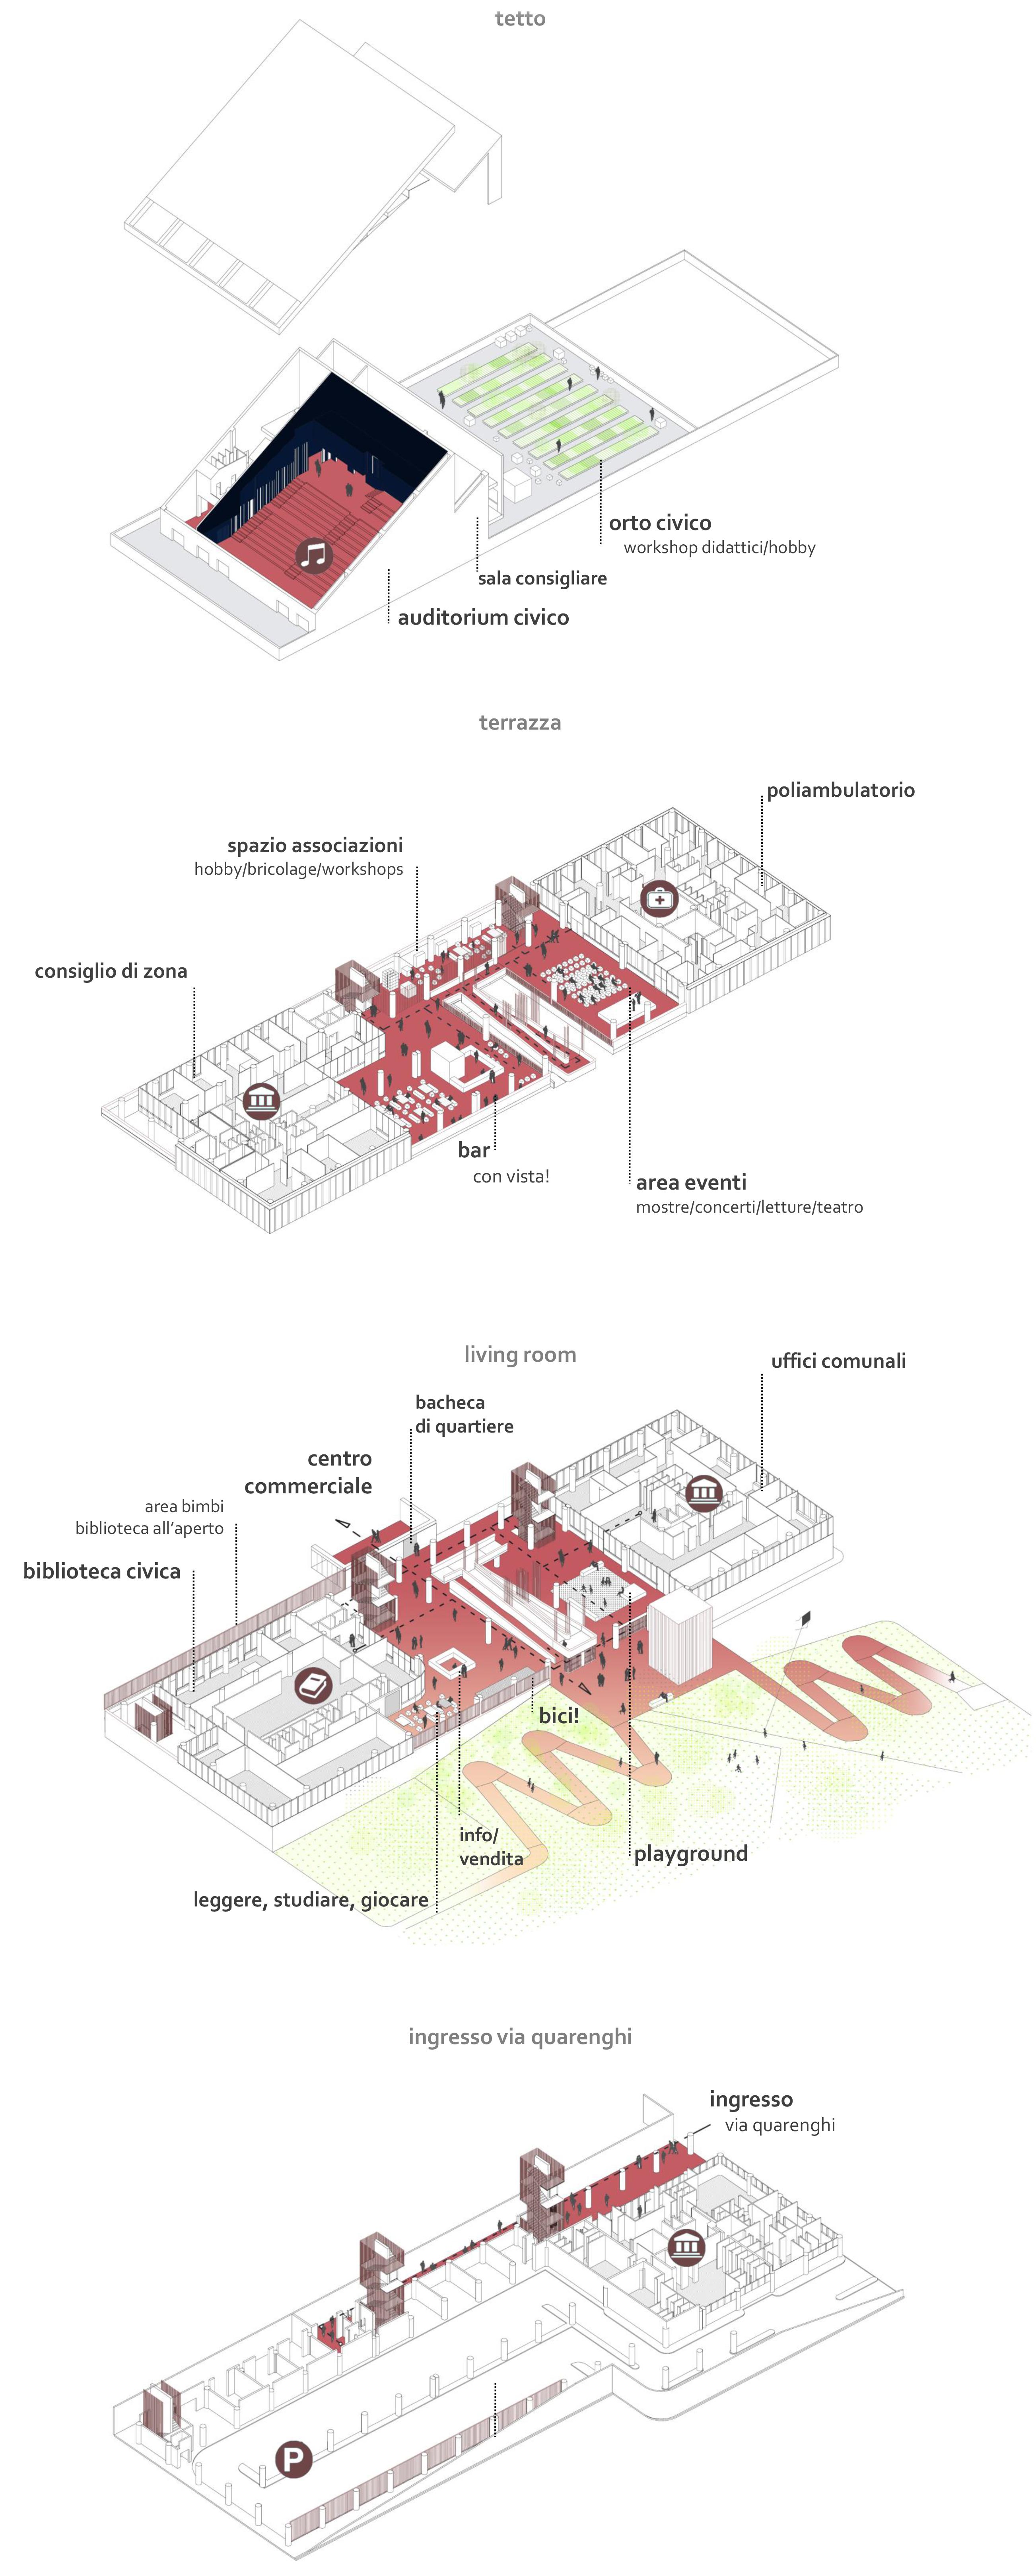 UP! Centro Civico Z8 Gallaratese Bonola Milano - Quarenghi21 - Visione